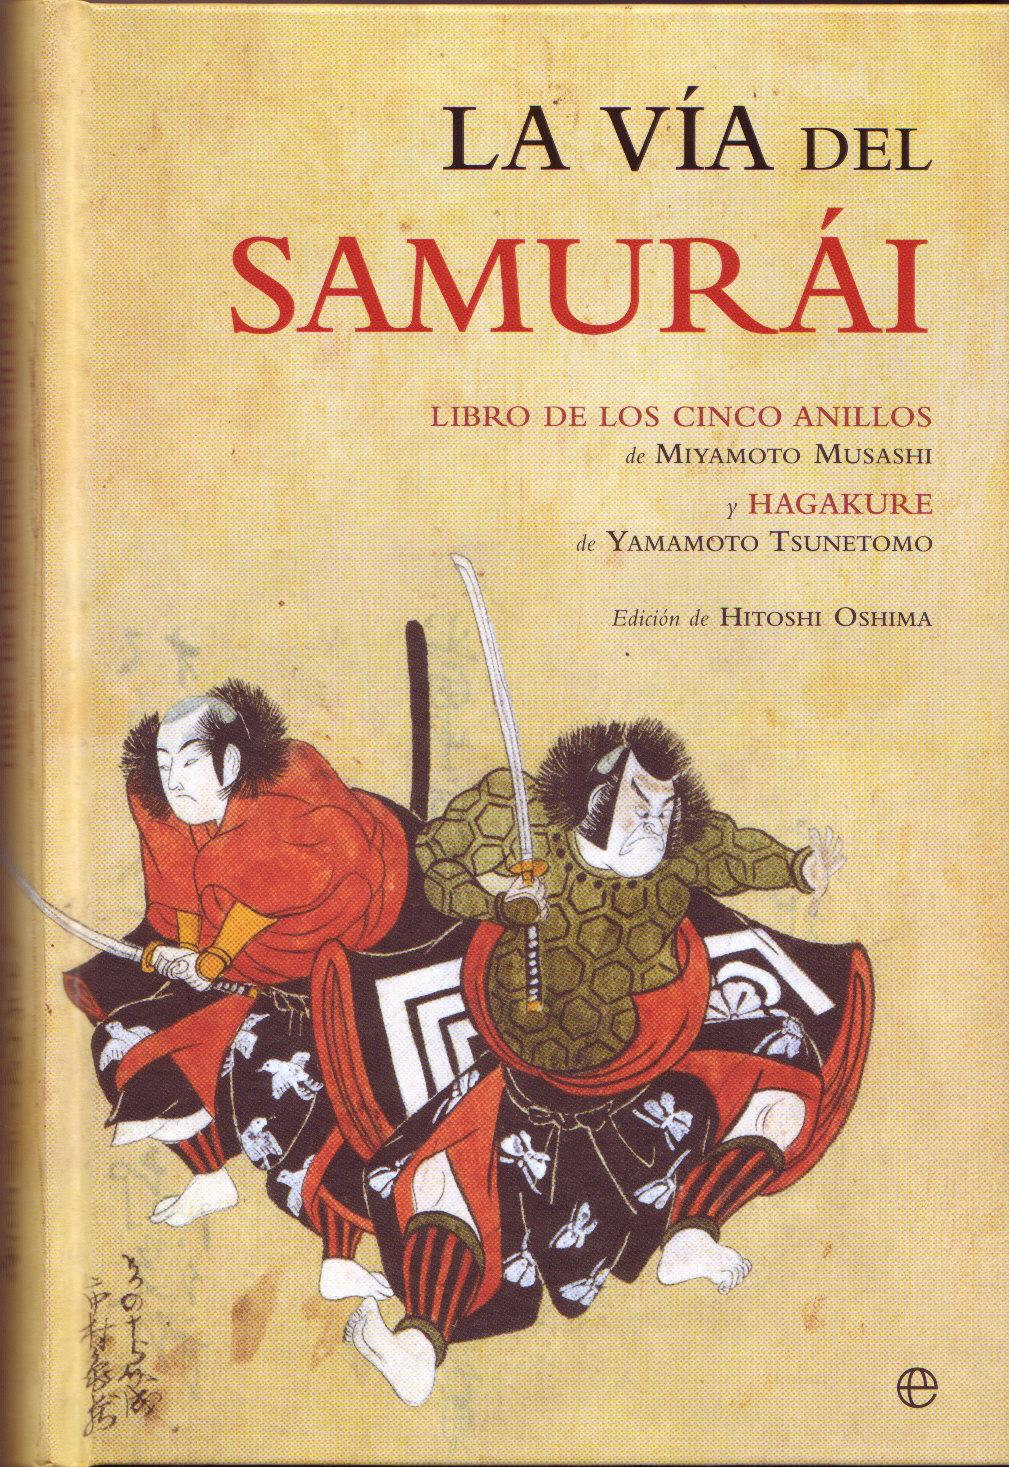 La vía del samurái